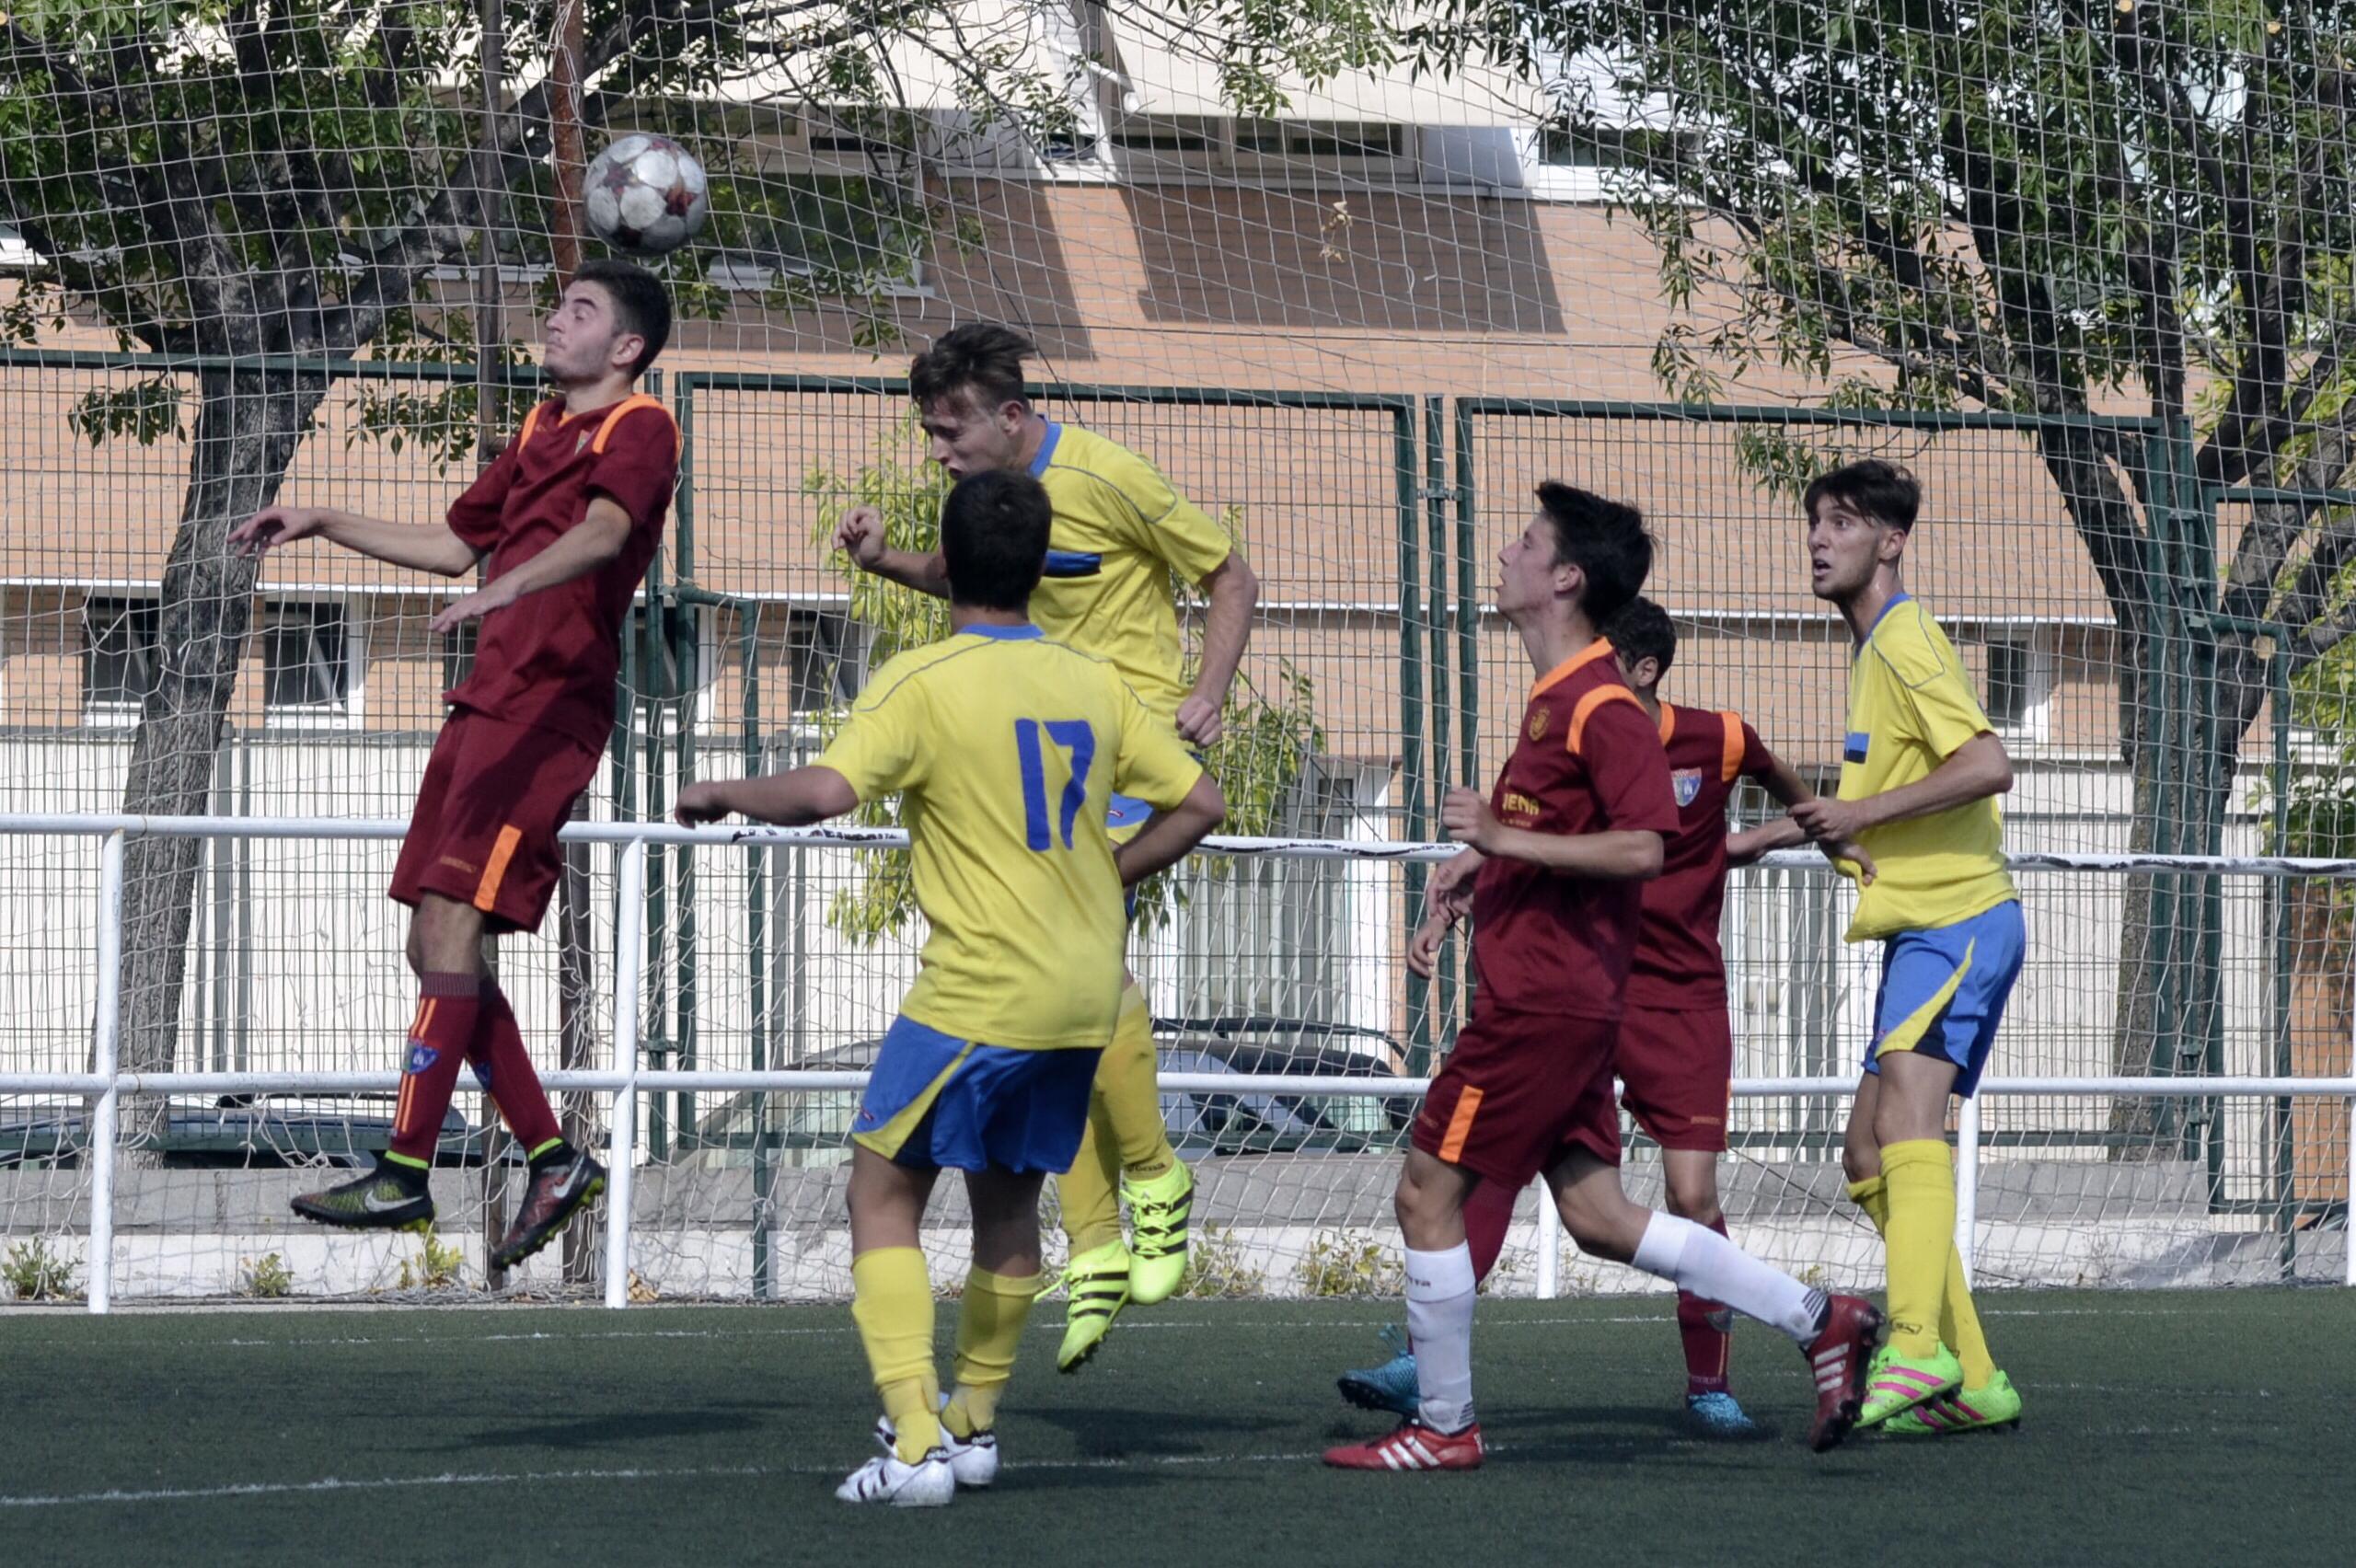 Crónica y fotos de los partidos amistosos de pretemporada del Juvenil D